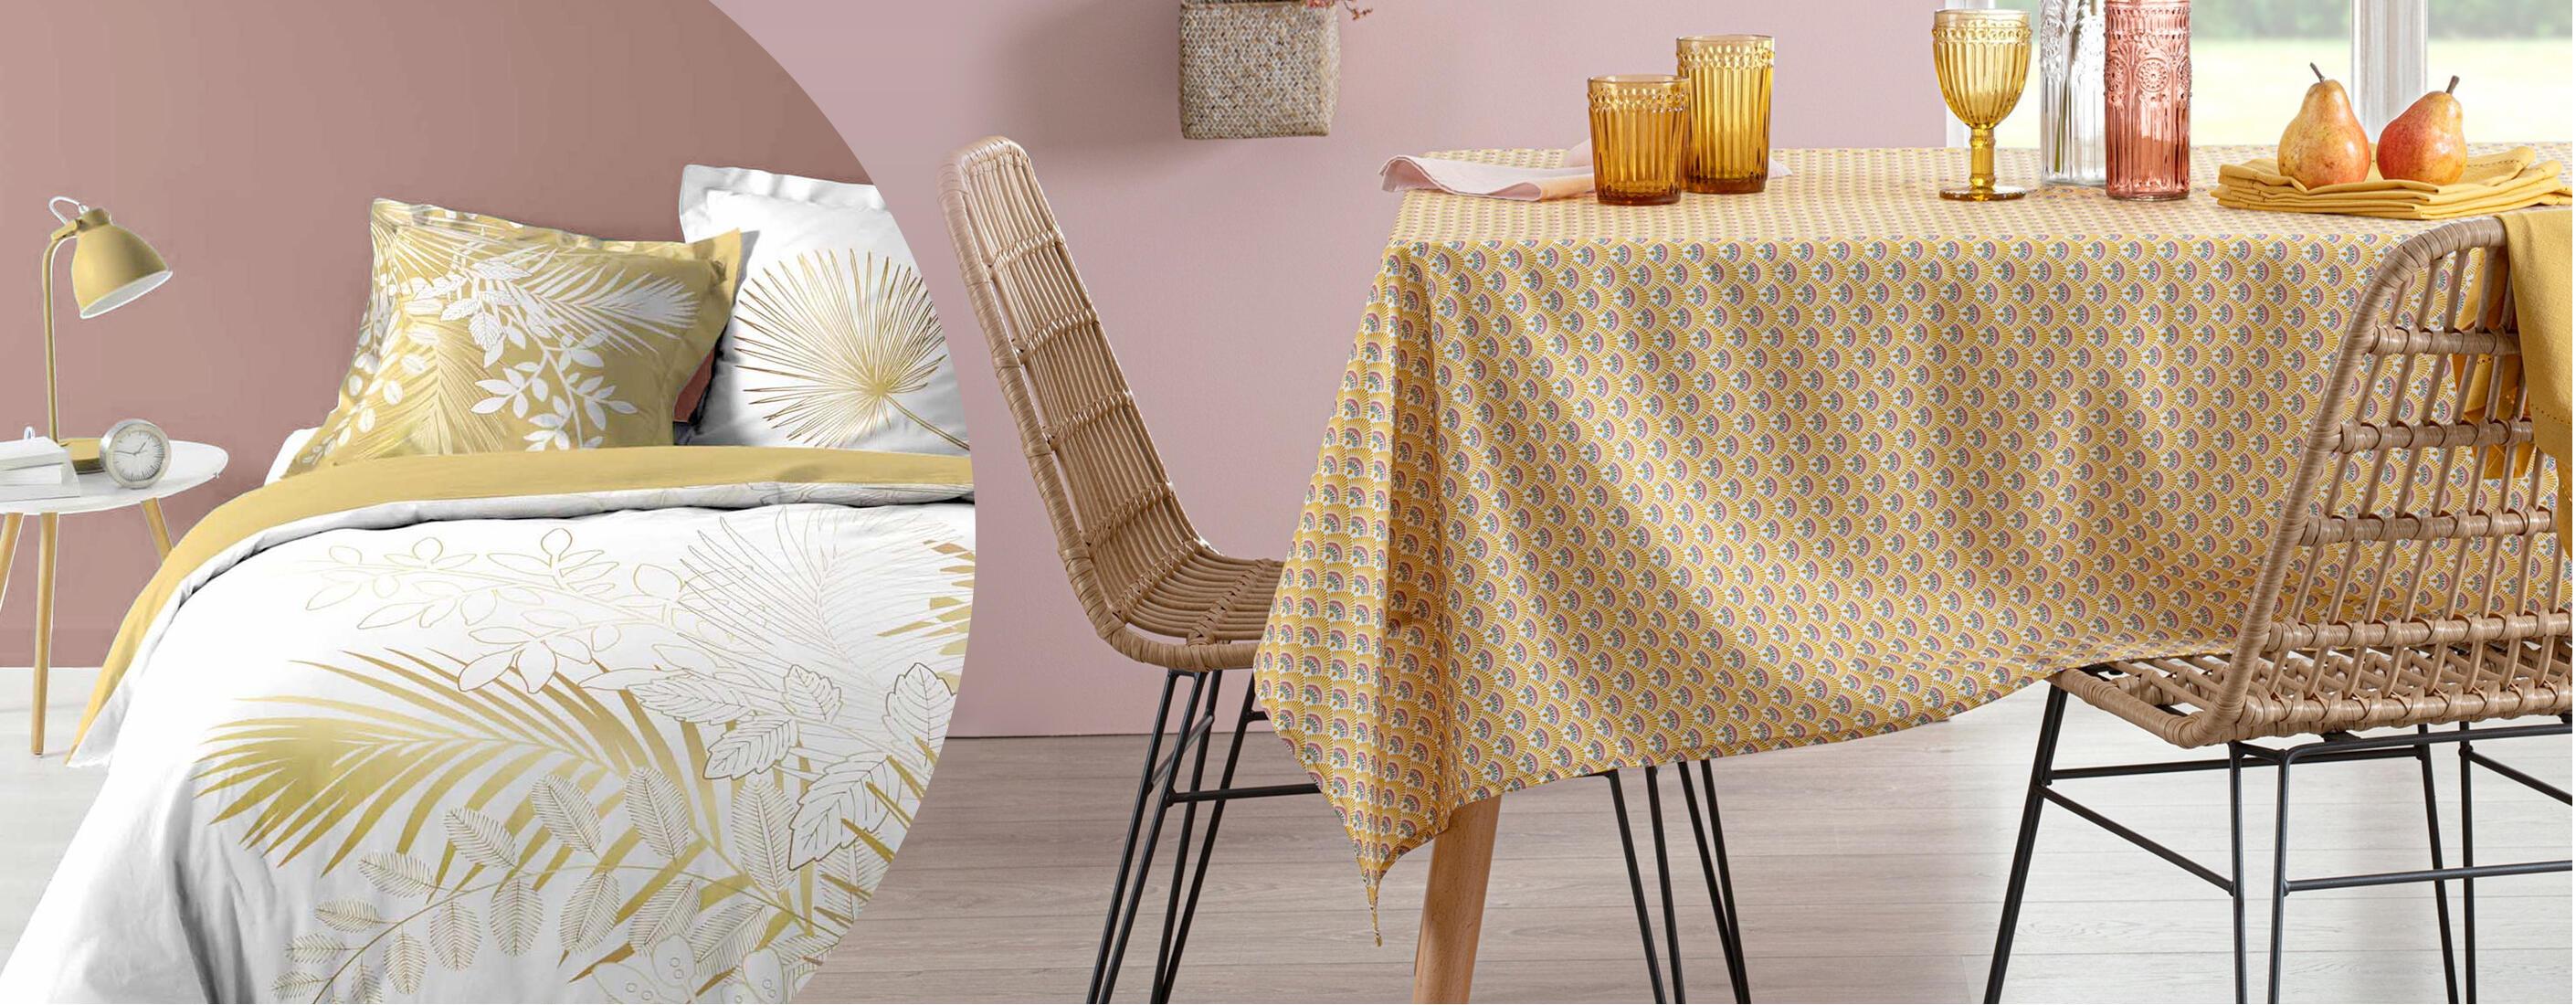 Novedades textil para el hogar